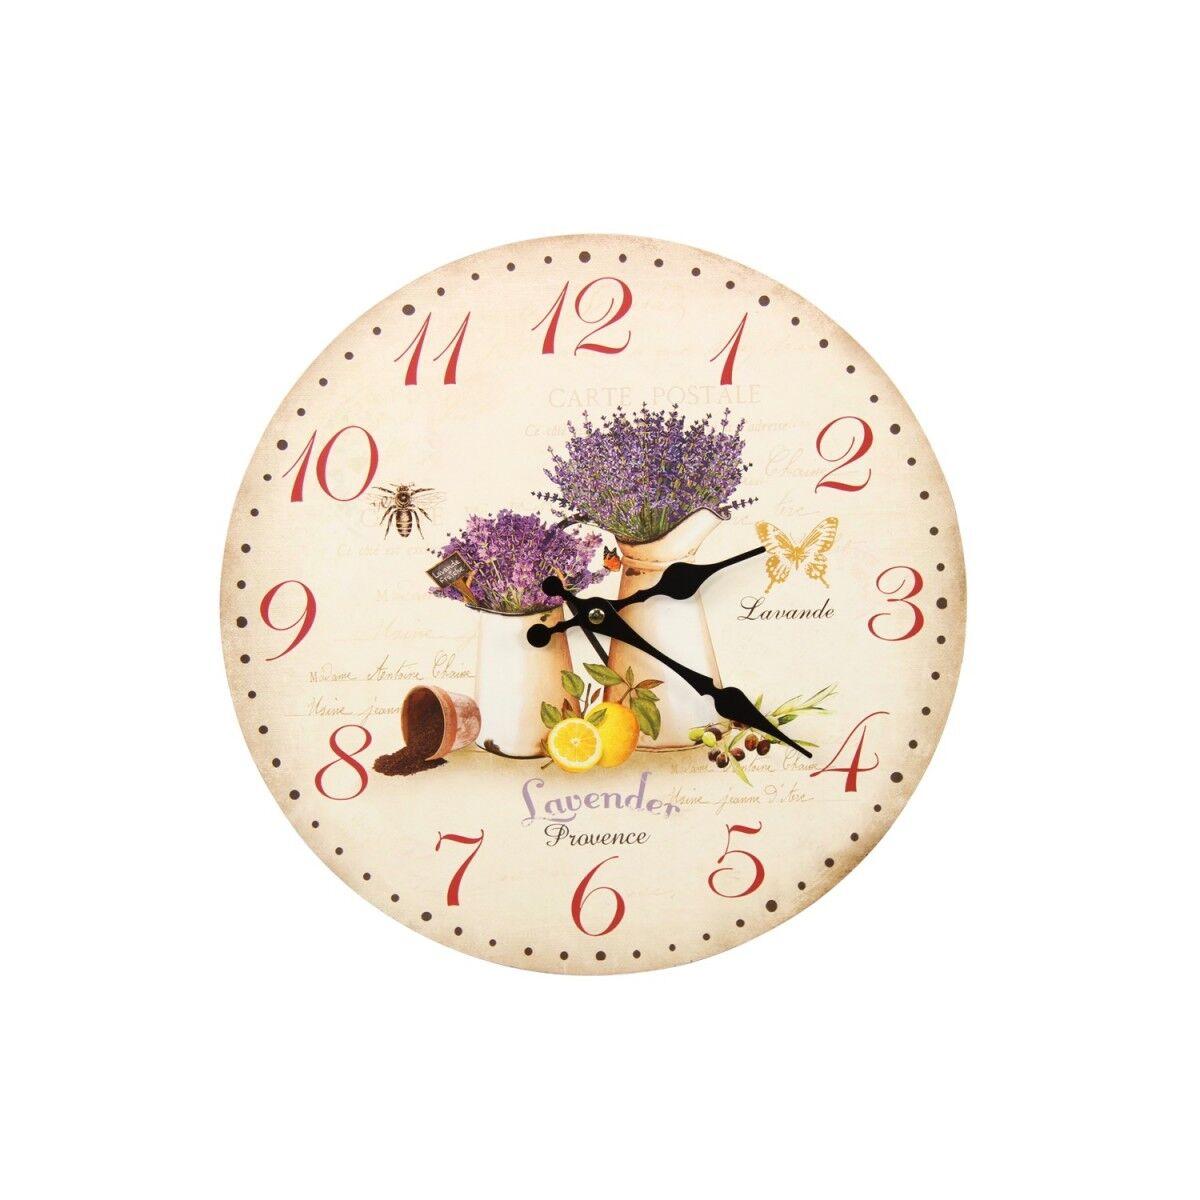 Horloge Ancienne Murale Lavande Citron 34cm - Bois - Blanc